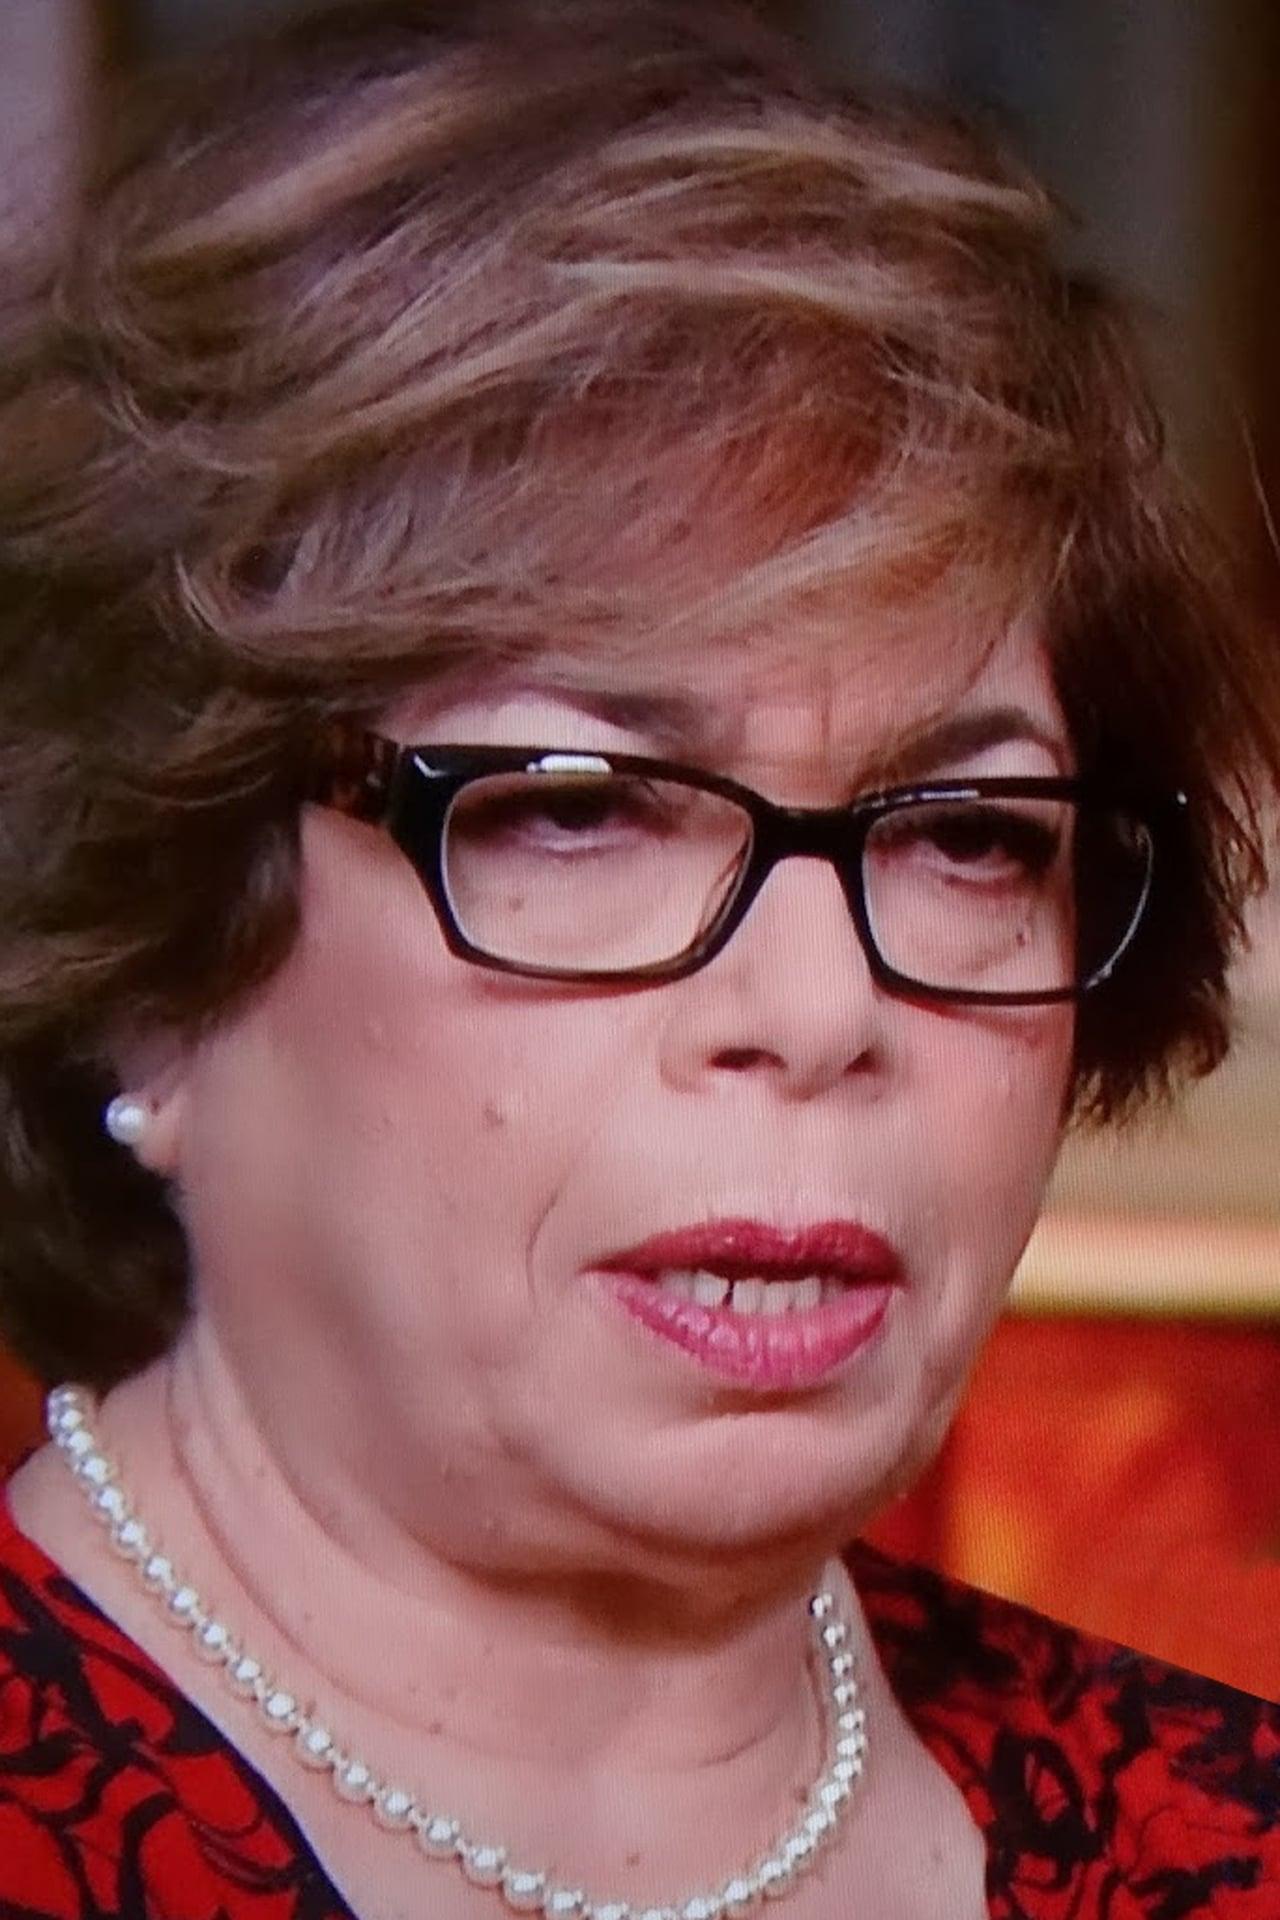 Debbie Gendler